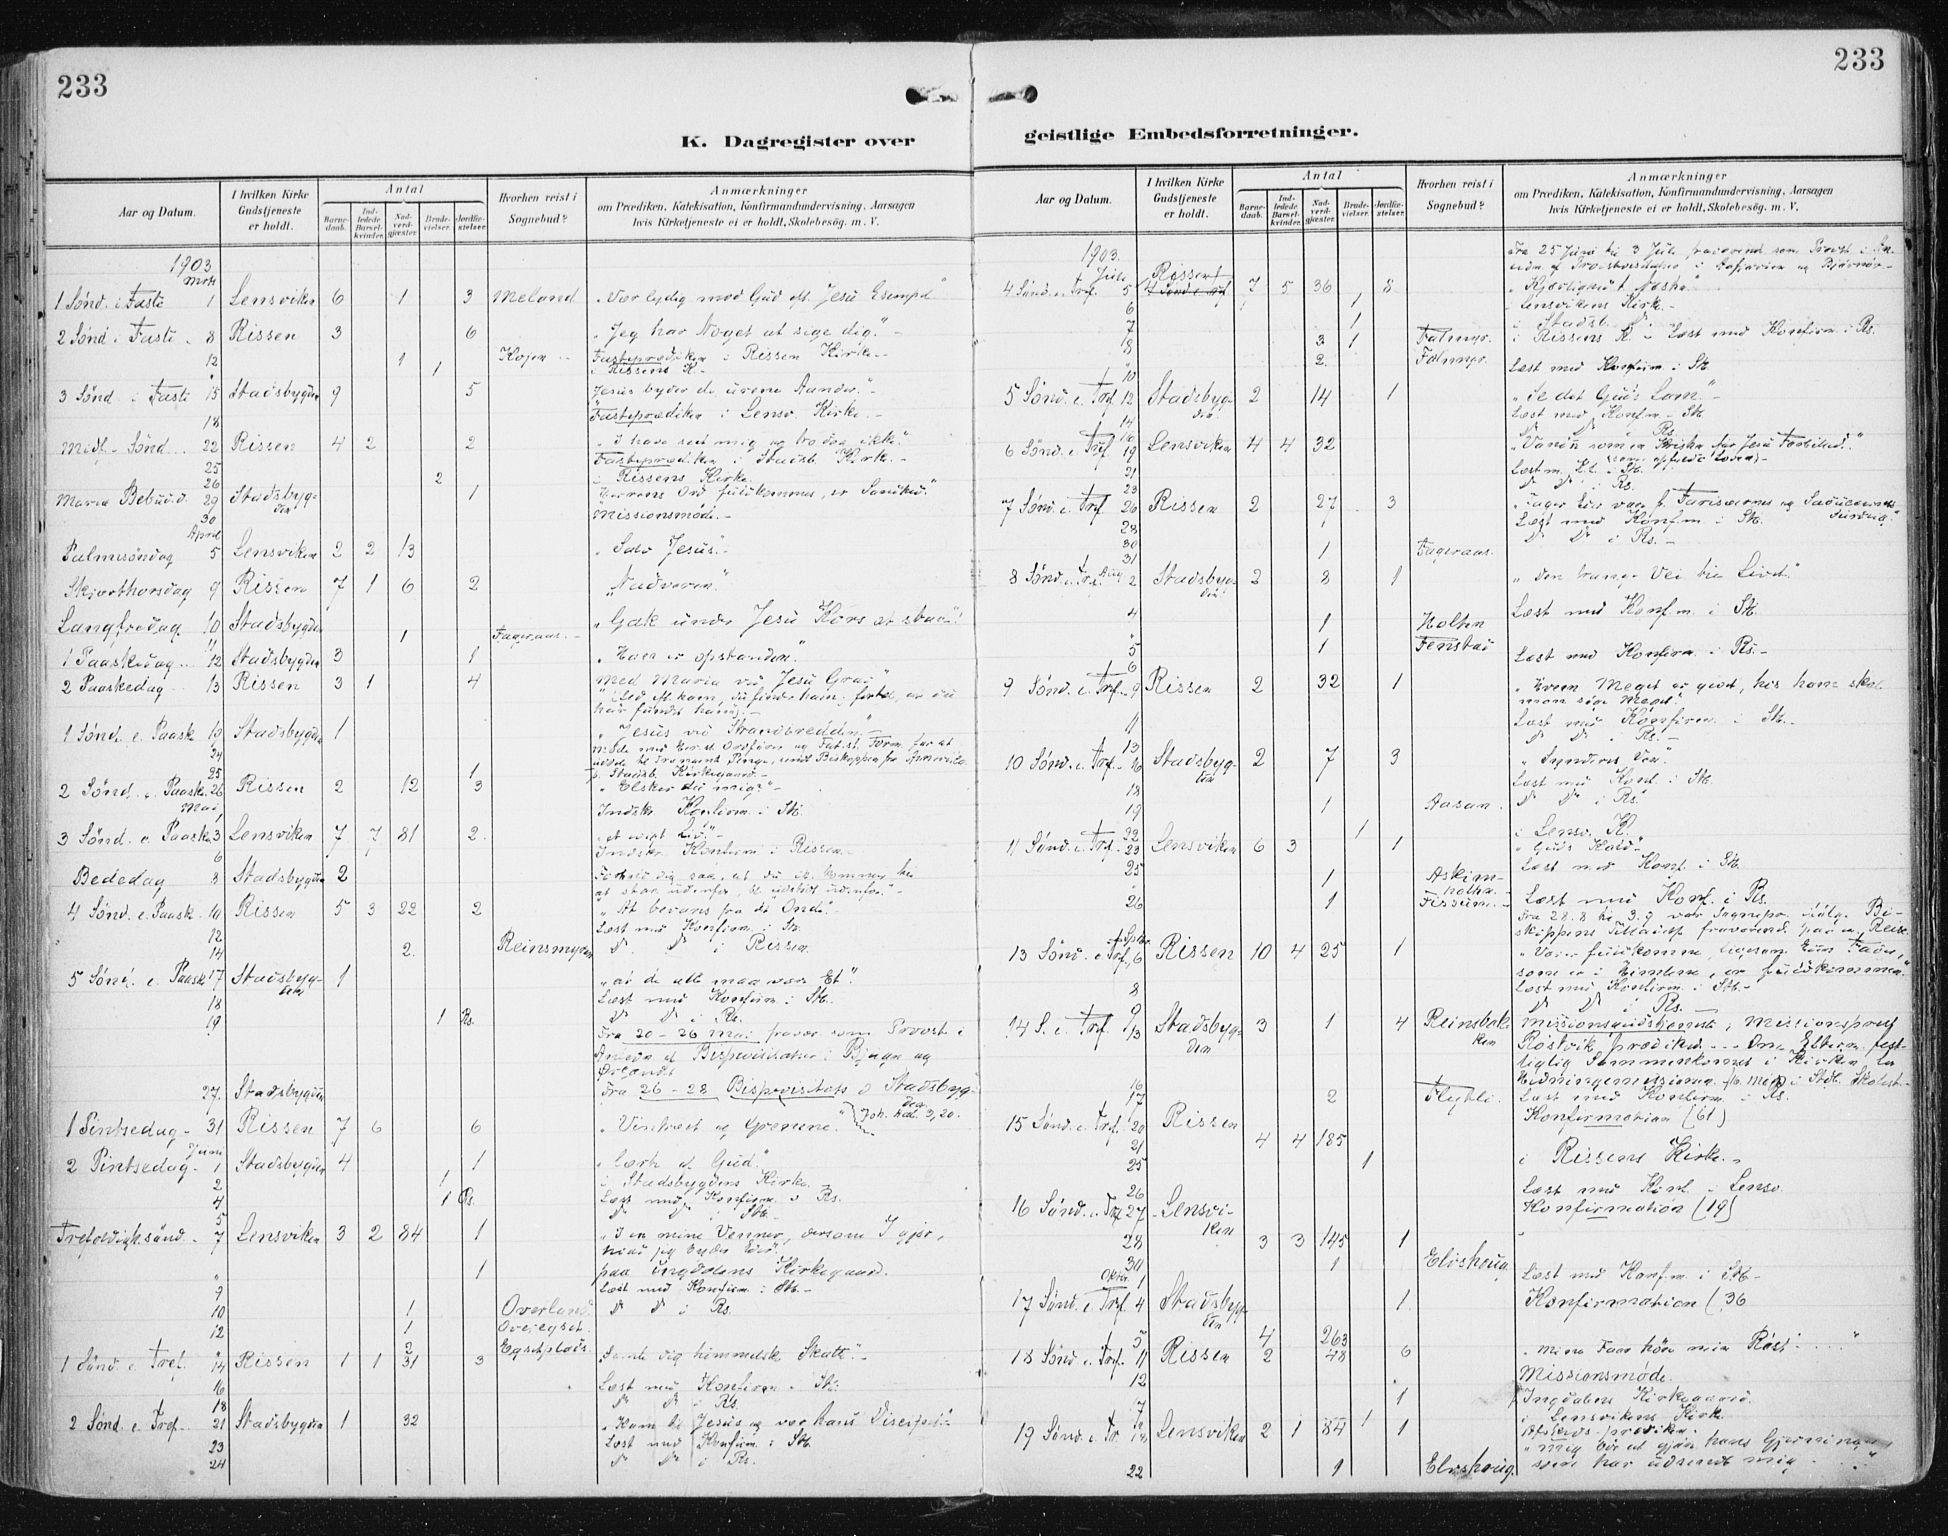 SAT, Ministerialprotokoller, klokkerbøker og fødselsregistre - Sør-Trøndelag, 646/L0616: Ministerialbok nr. 646A14, 1900-1918, s. 233